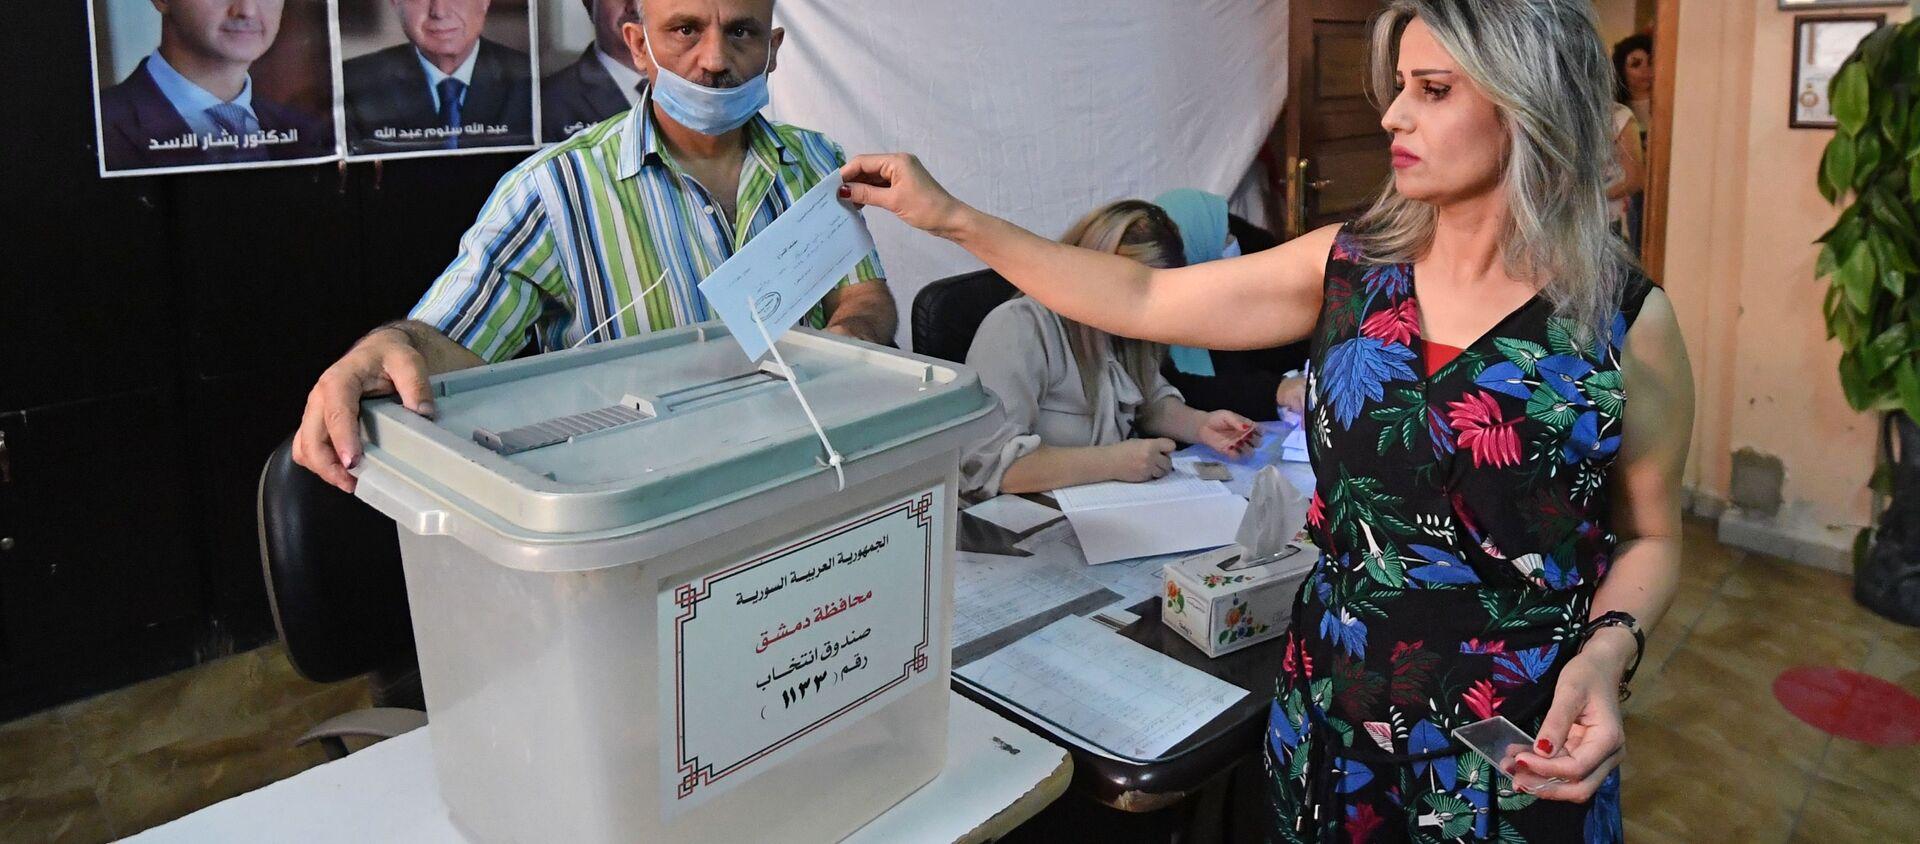 Kobieta głosuje w wyborach prezydenckich w Syrii w jednym z lokali wyborczych w Damaszku - Sputnik Polska, 1920, 26.05.2021